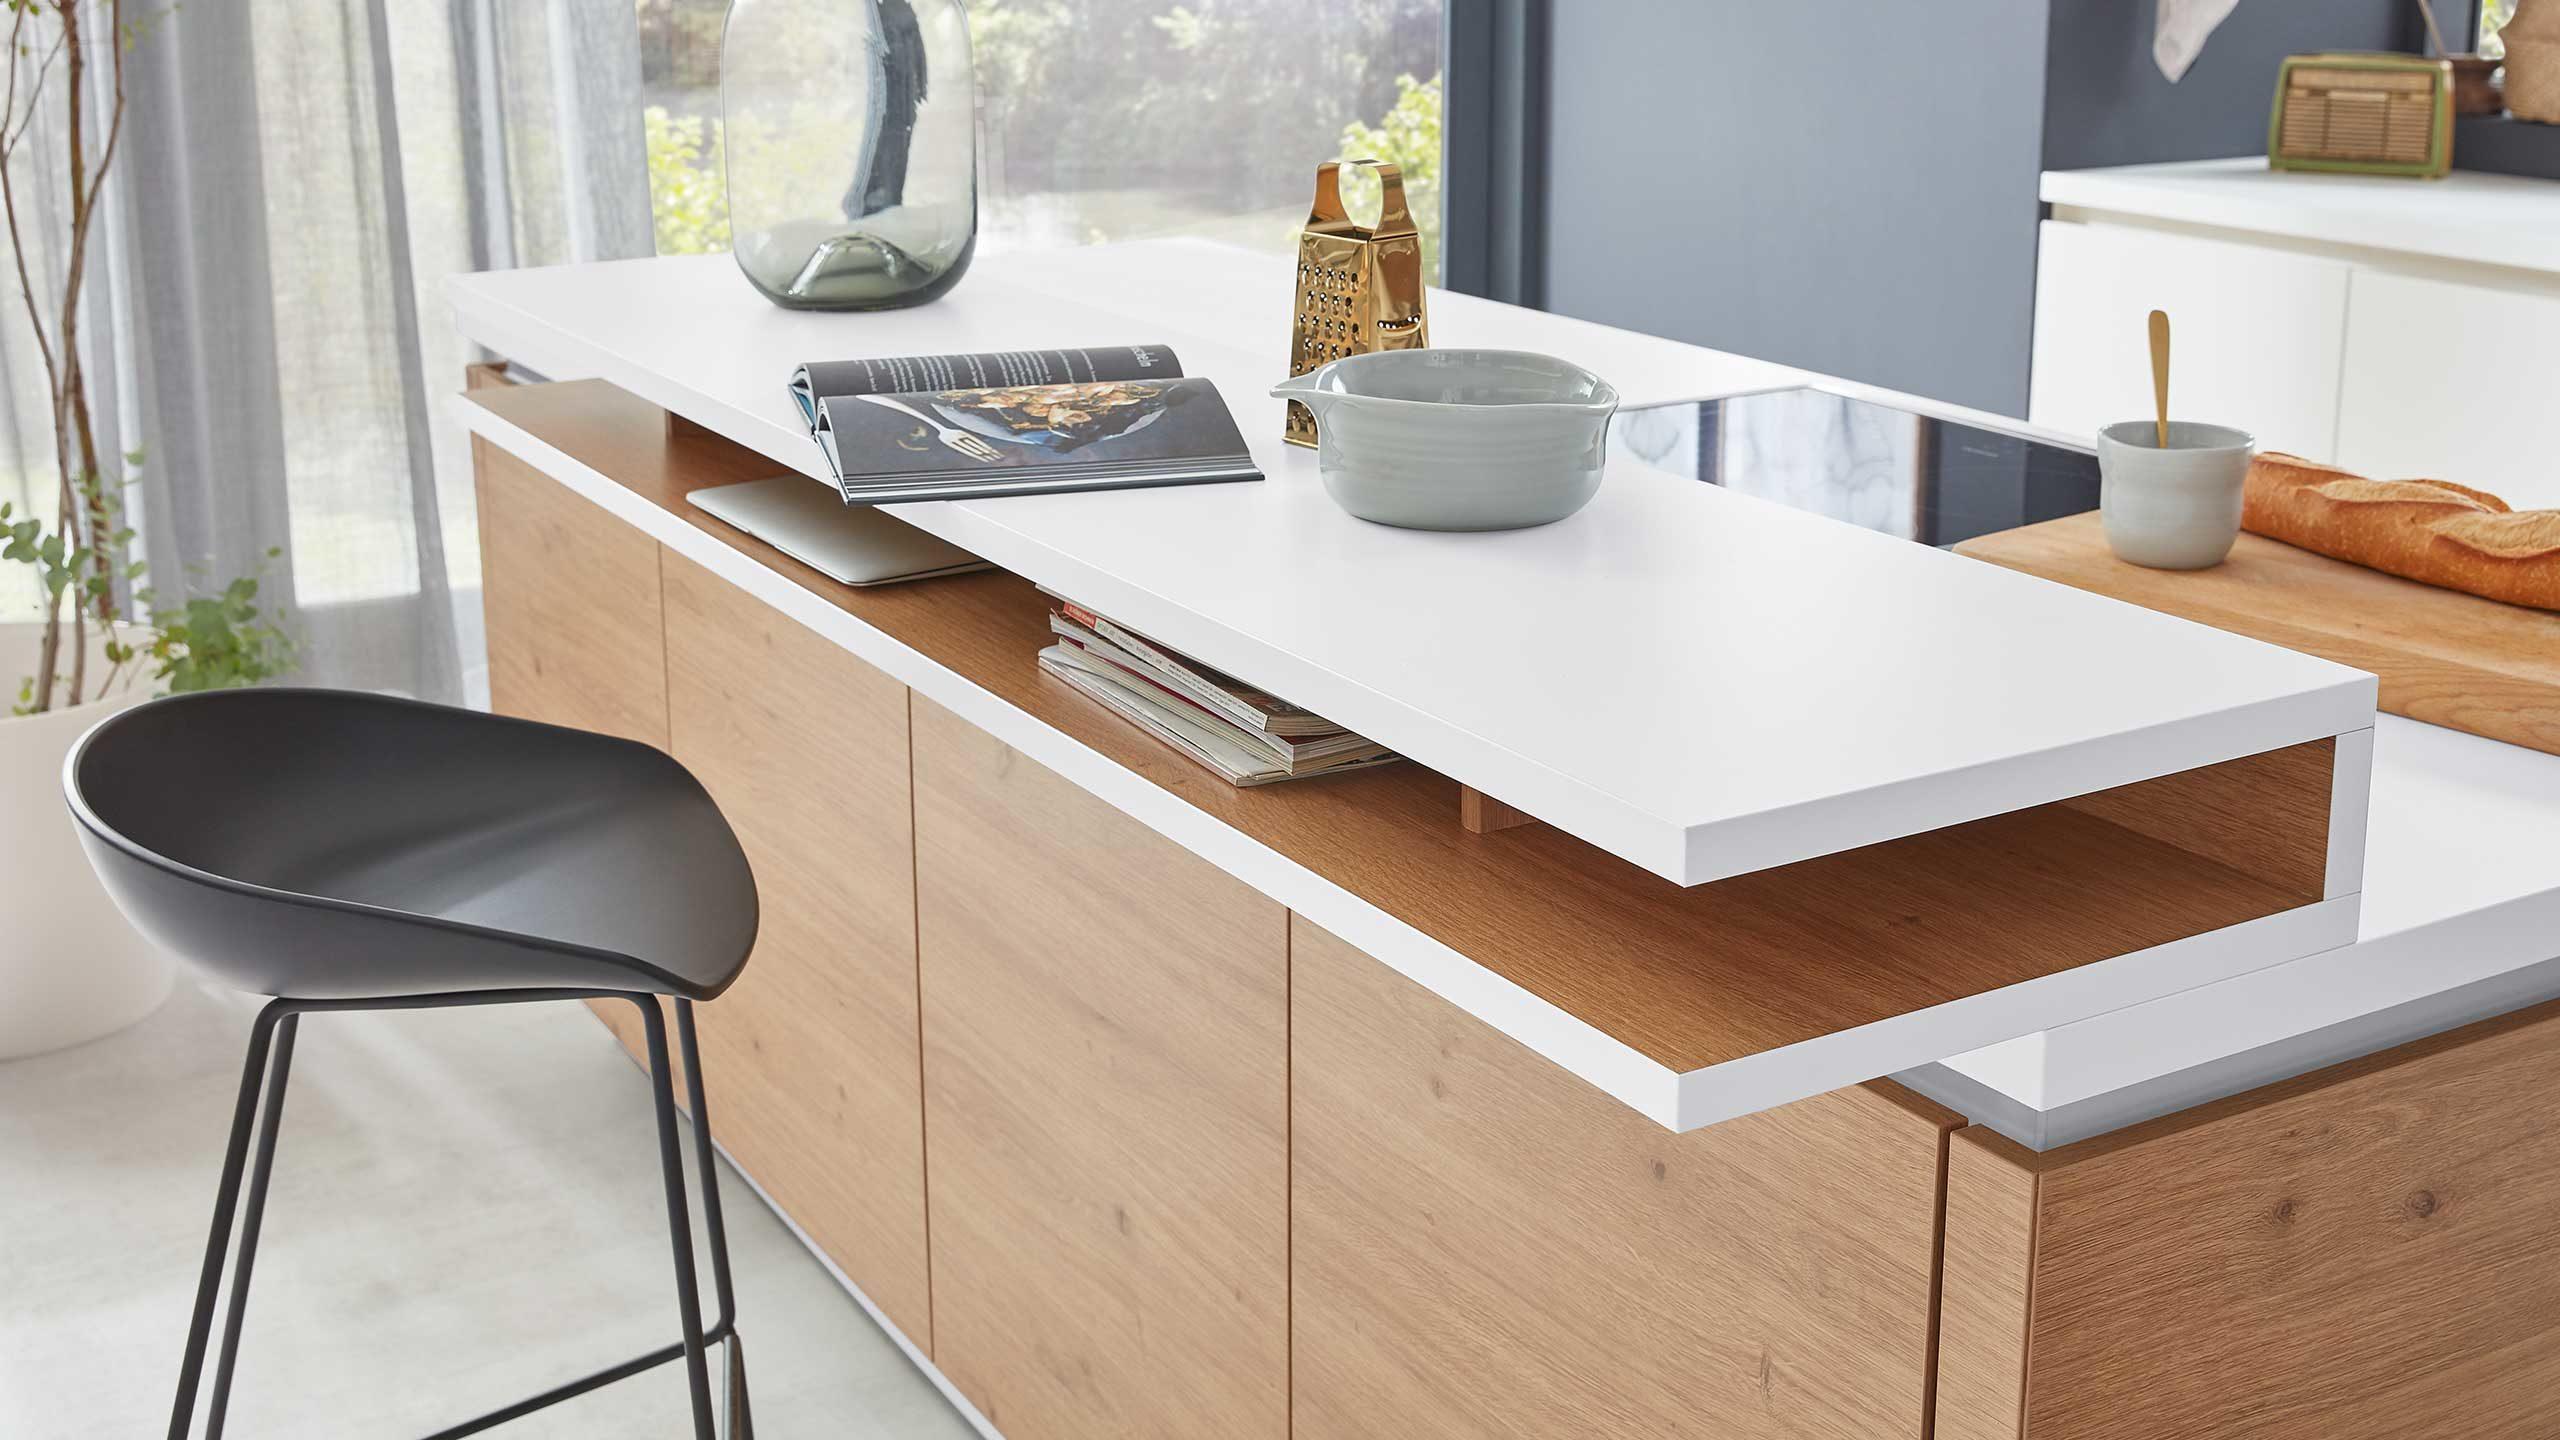 Küchenarbeitsplatte richtig reinigen und desinfizieren